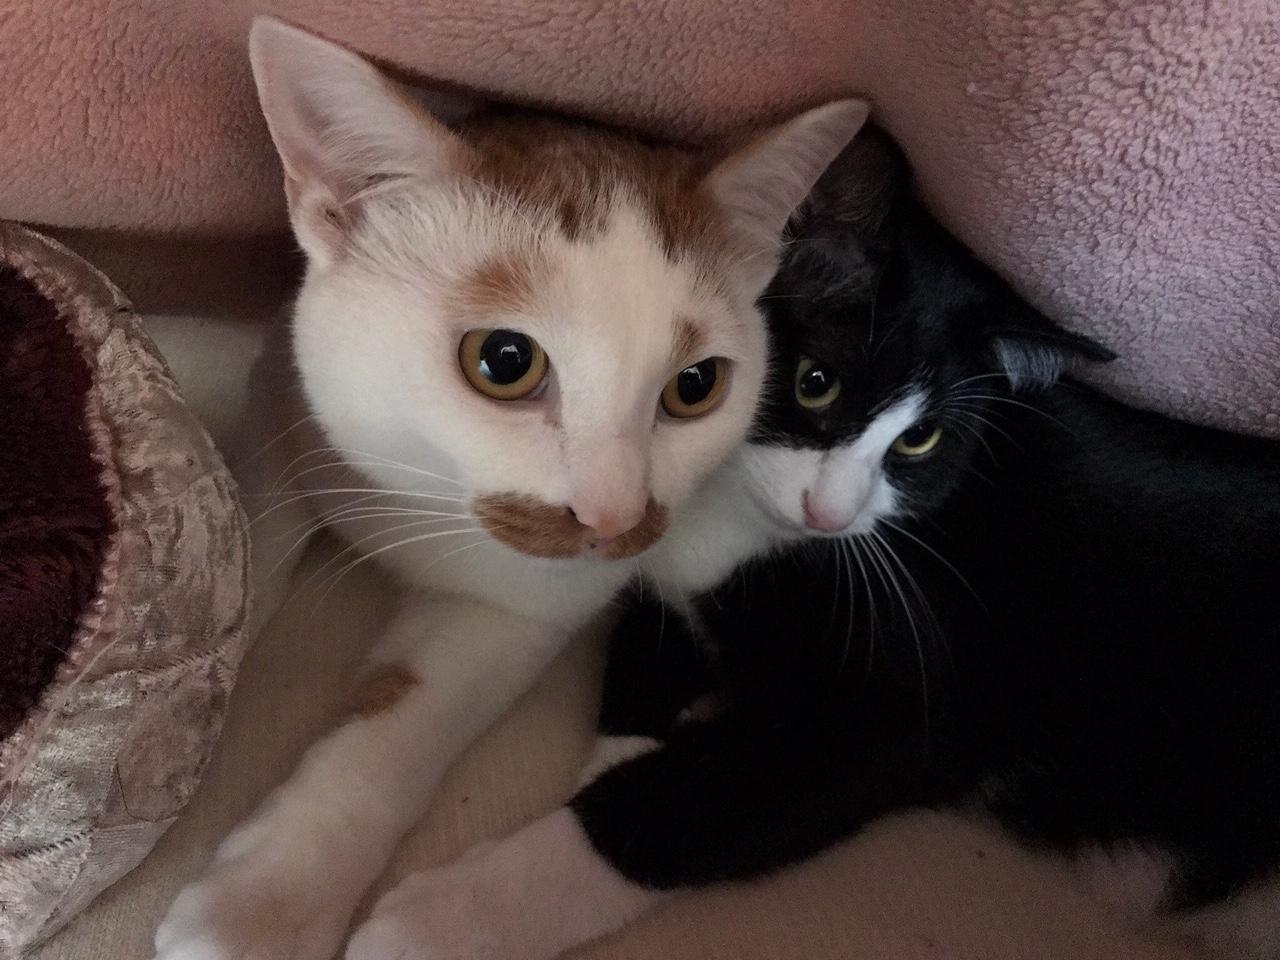 【今日のにゃんこ】毛布の中で仲良く温まる、ルウくんとラビくん_1